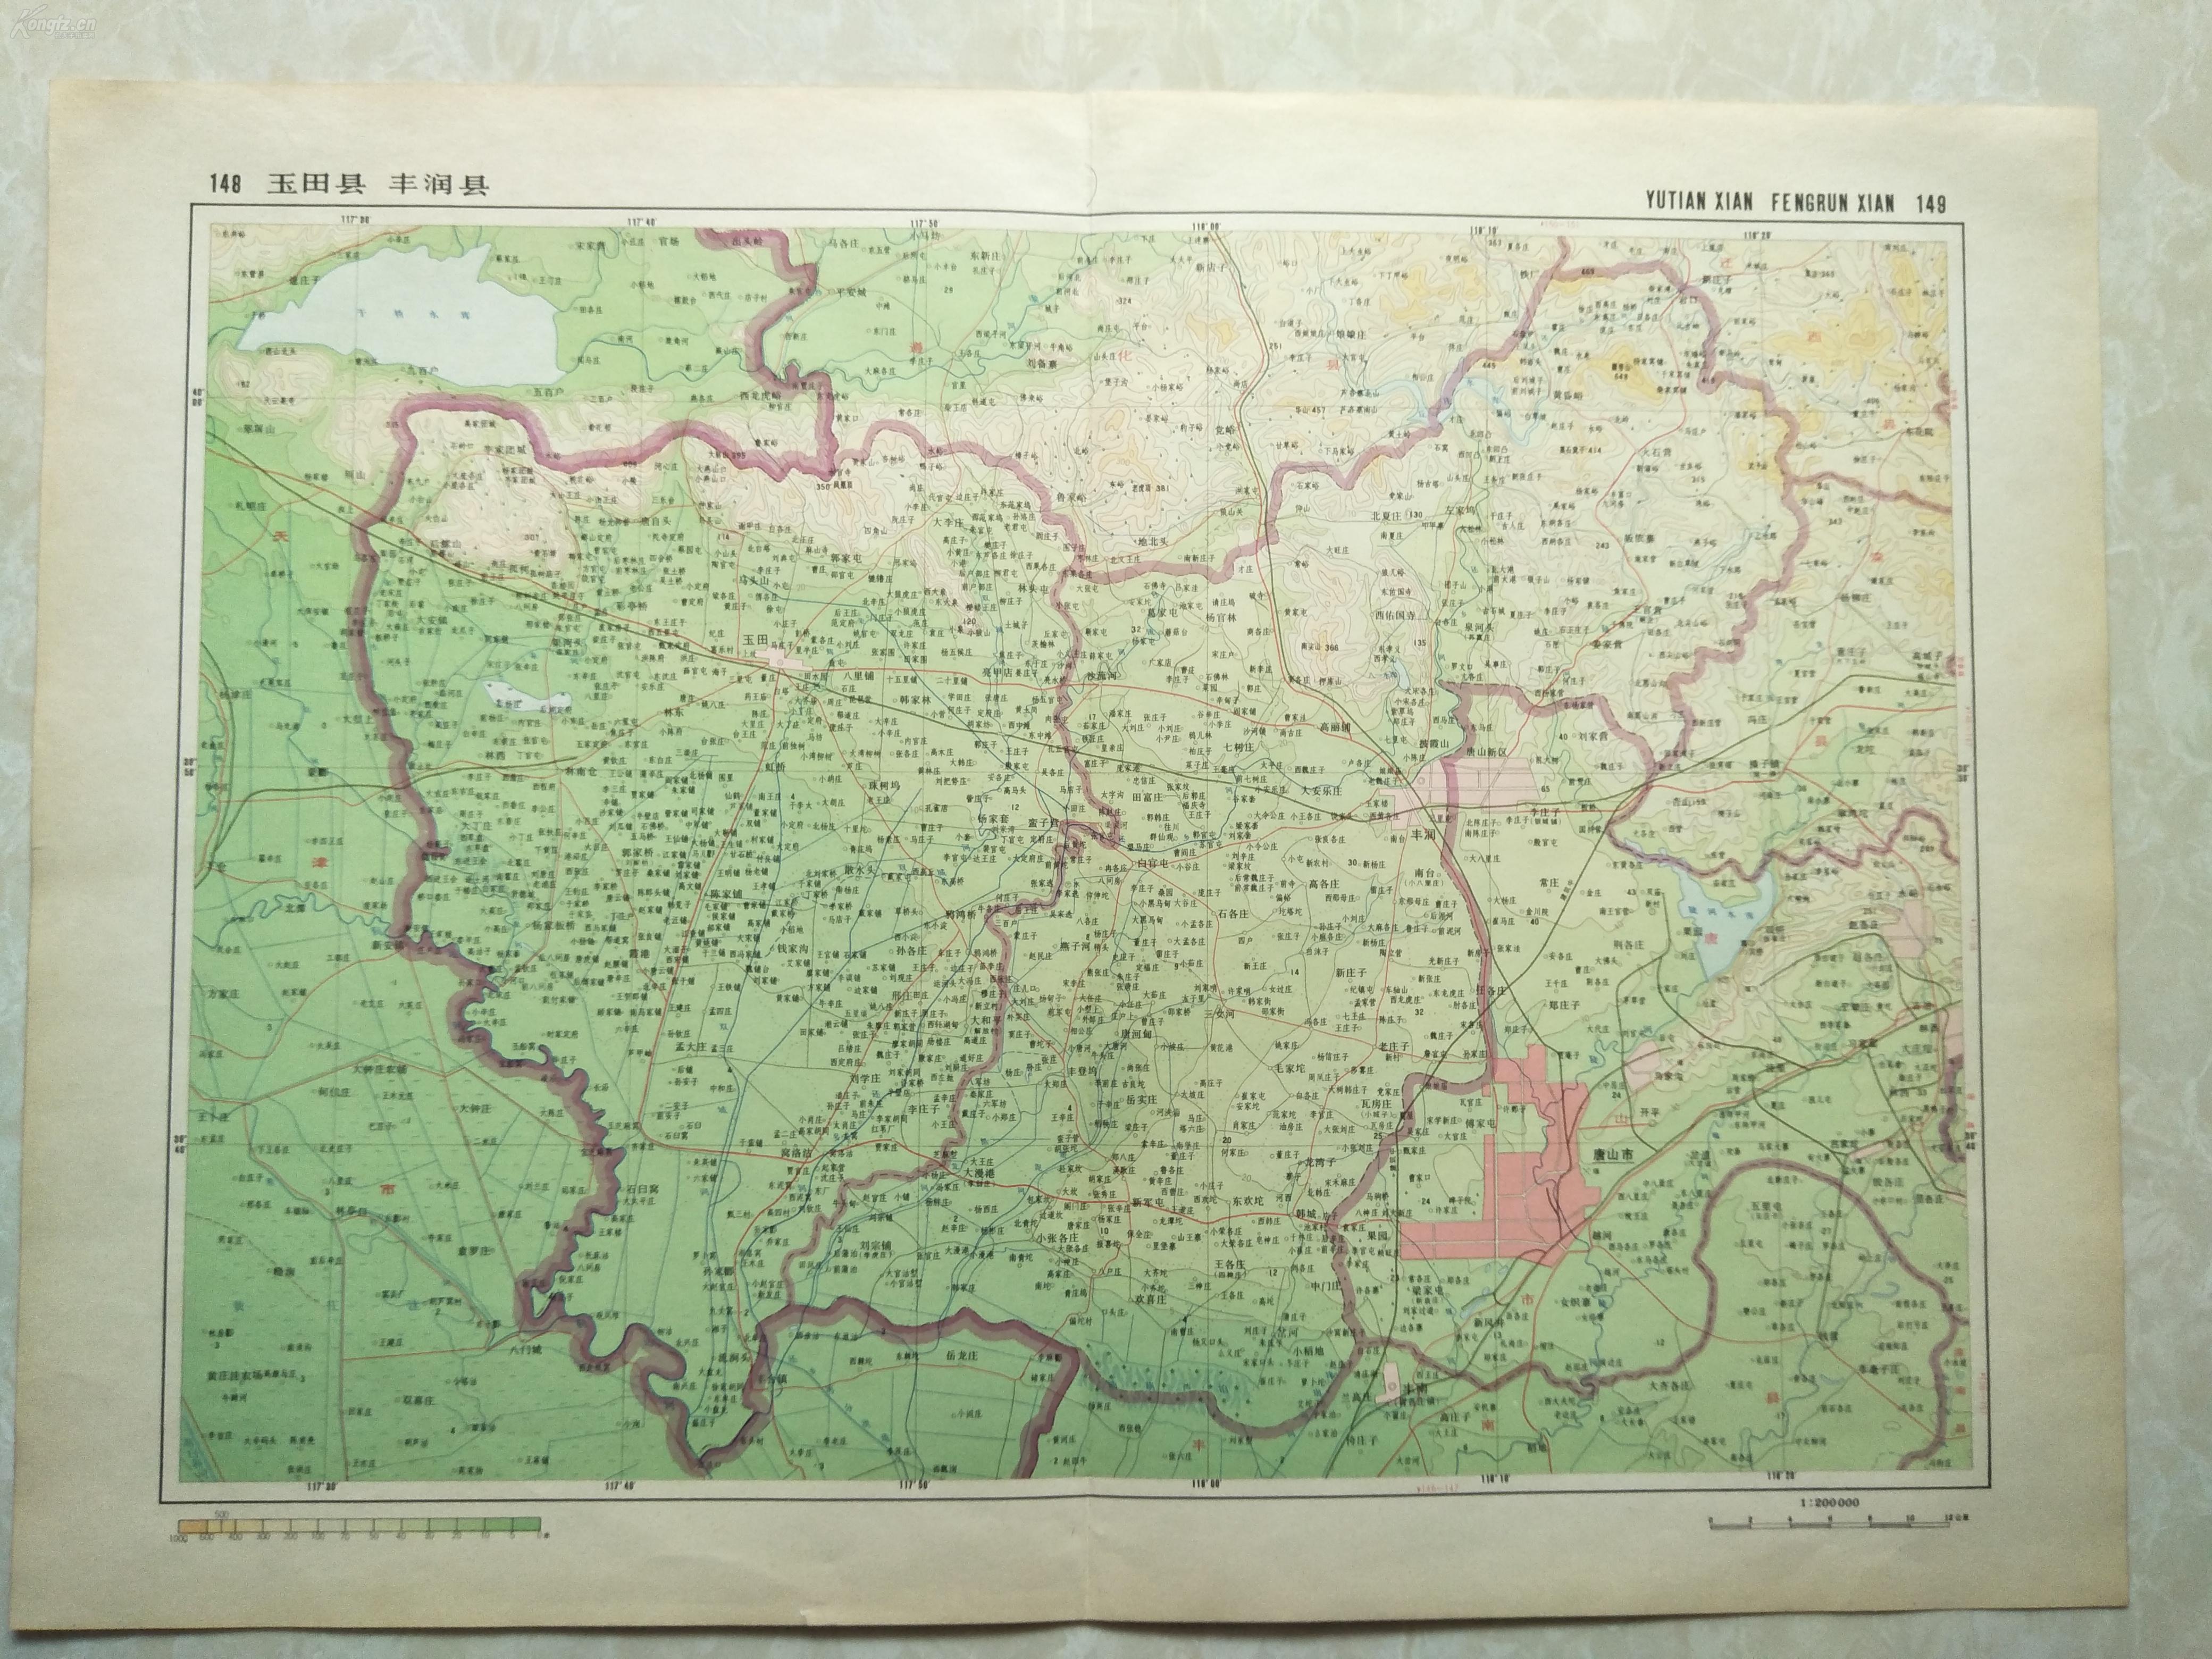 河北省玉田县,丰润县地图,幅较大,38x52,本期拍